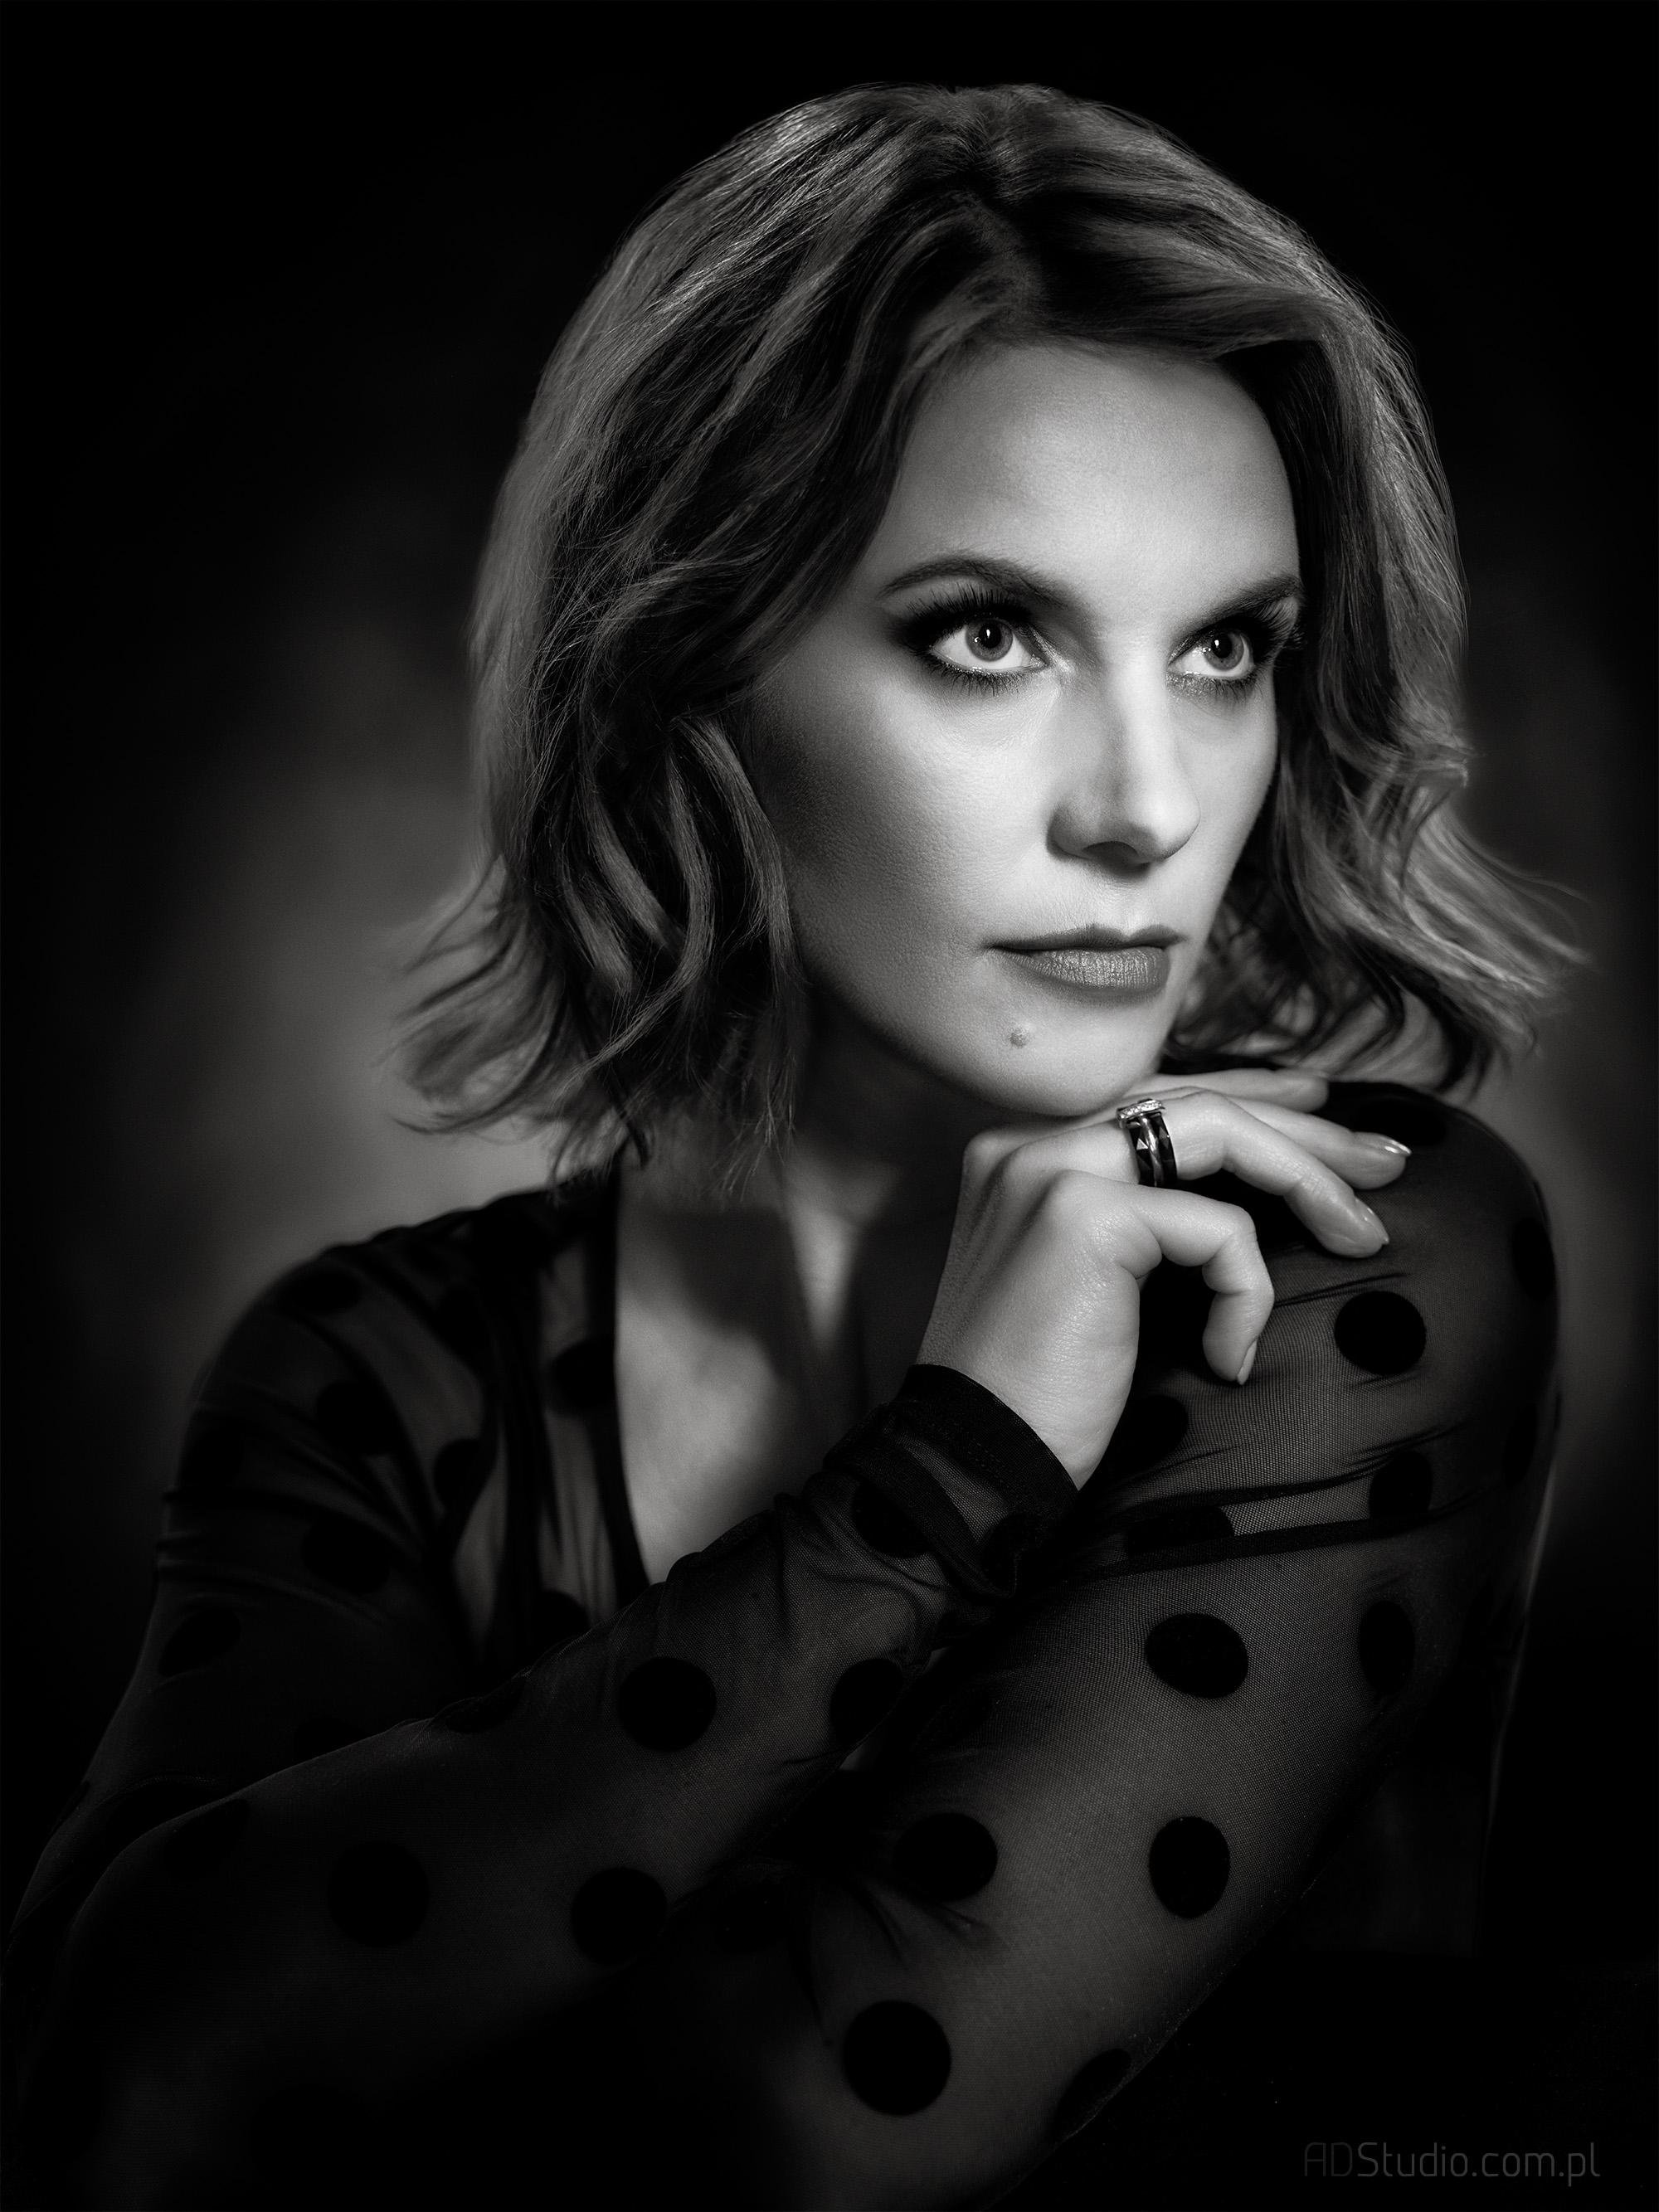 klimatyczny czarno-biały portret kobiety